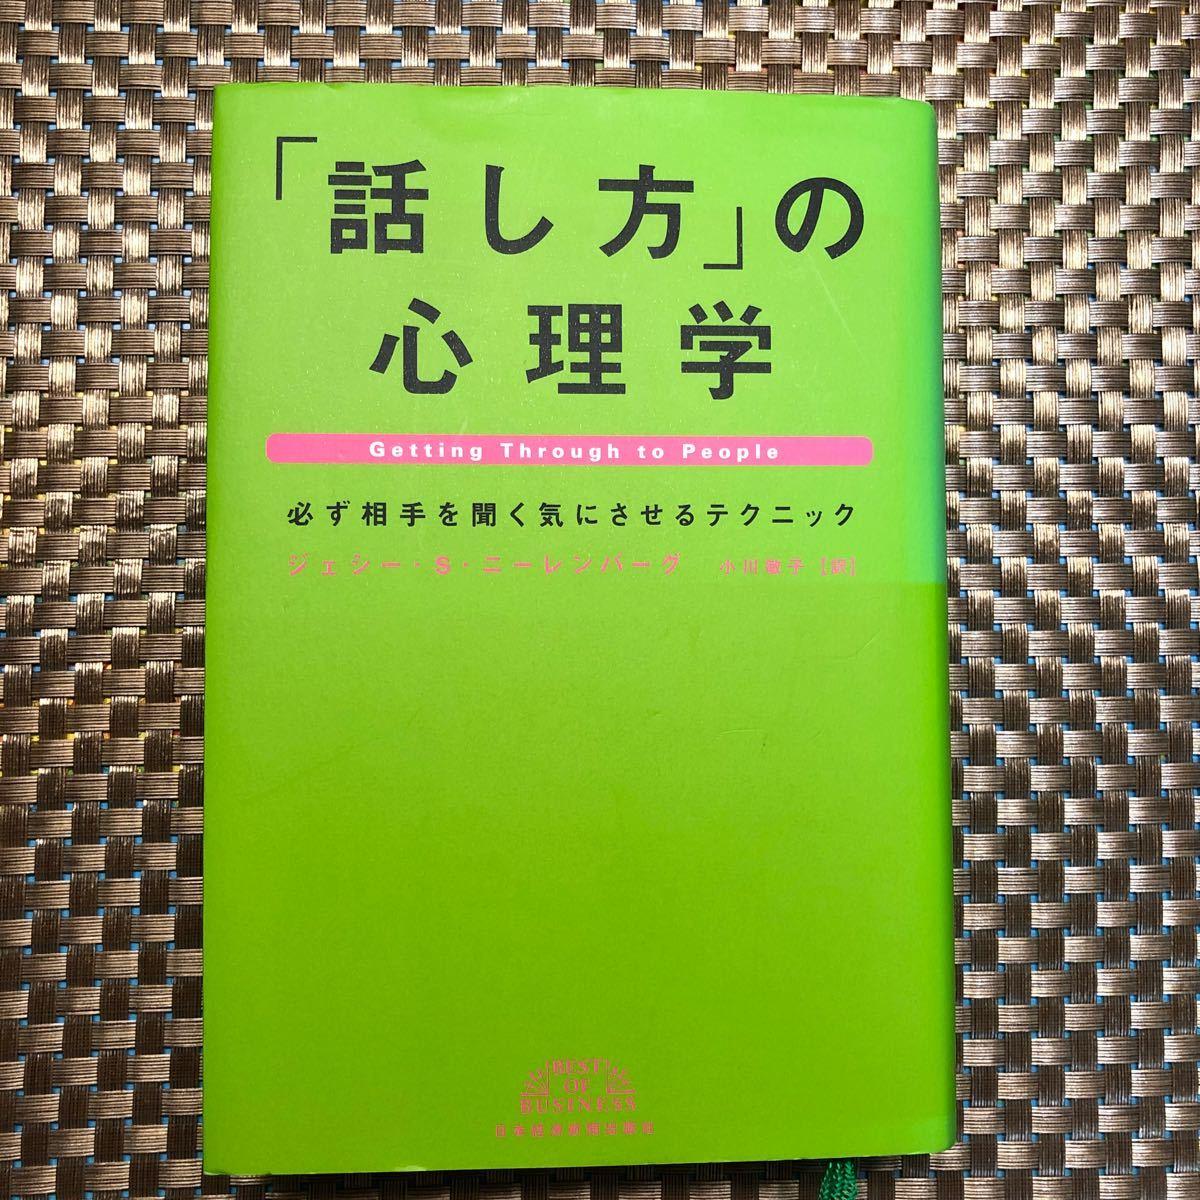 「話し方」 の心理学 必ず相手を聞く気にさせるテクニック/ジェシーS.ニーレンバーグ/小川敏子